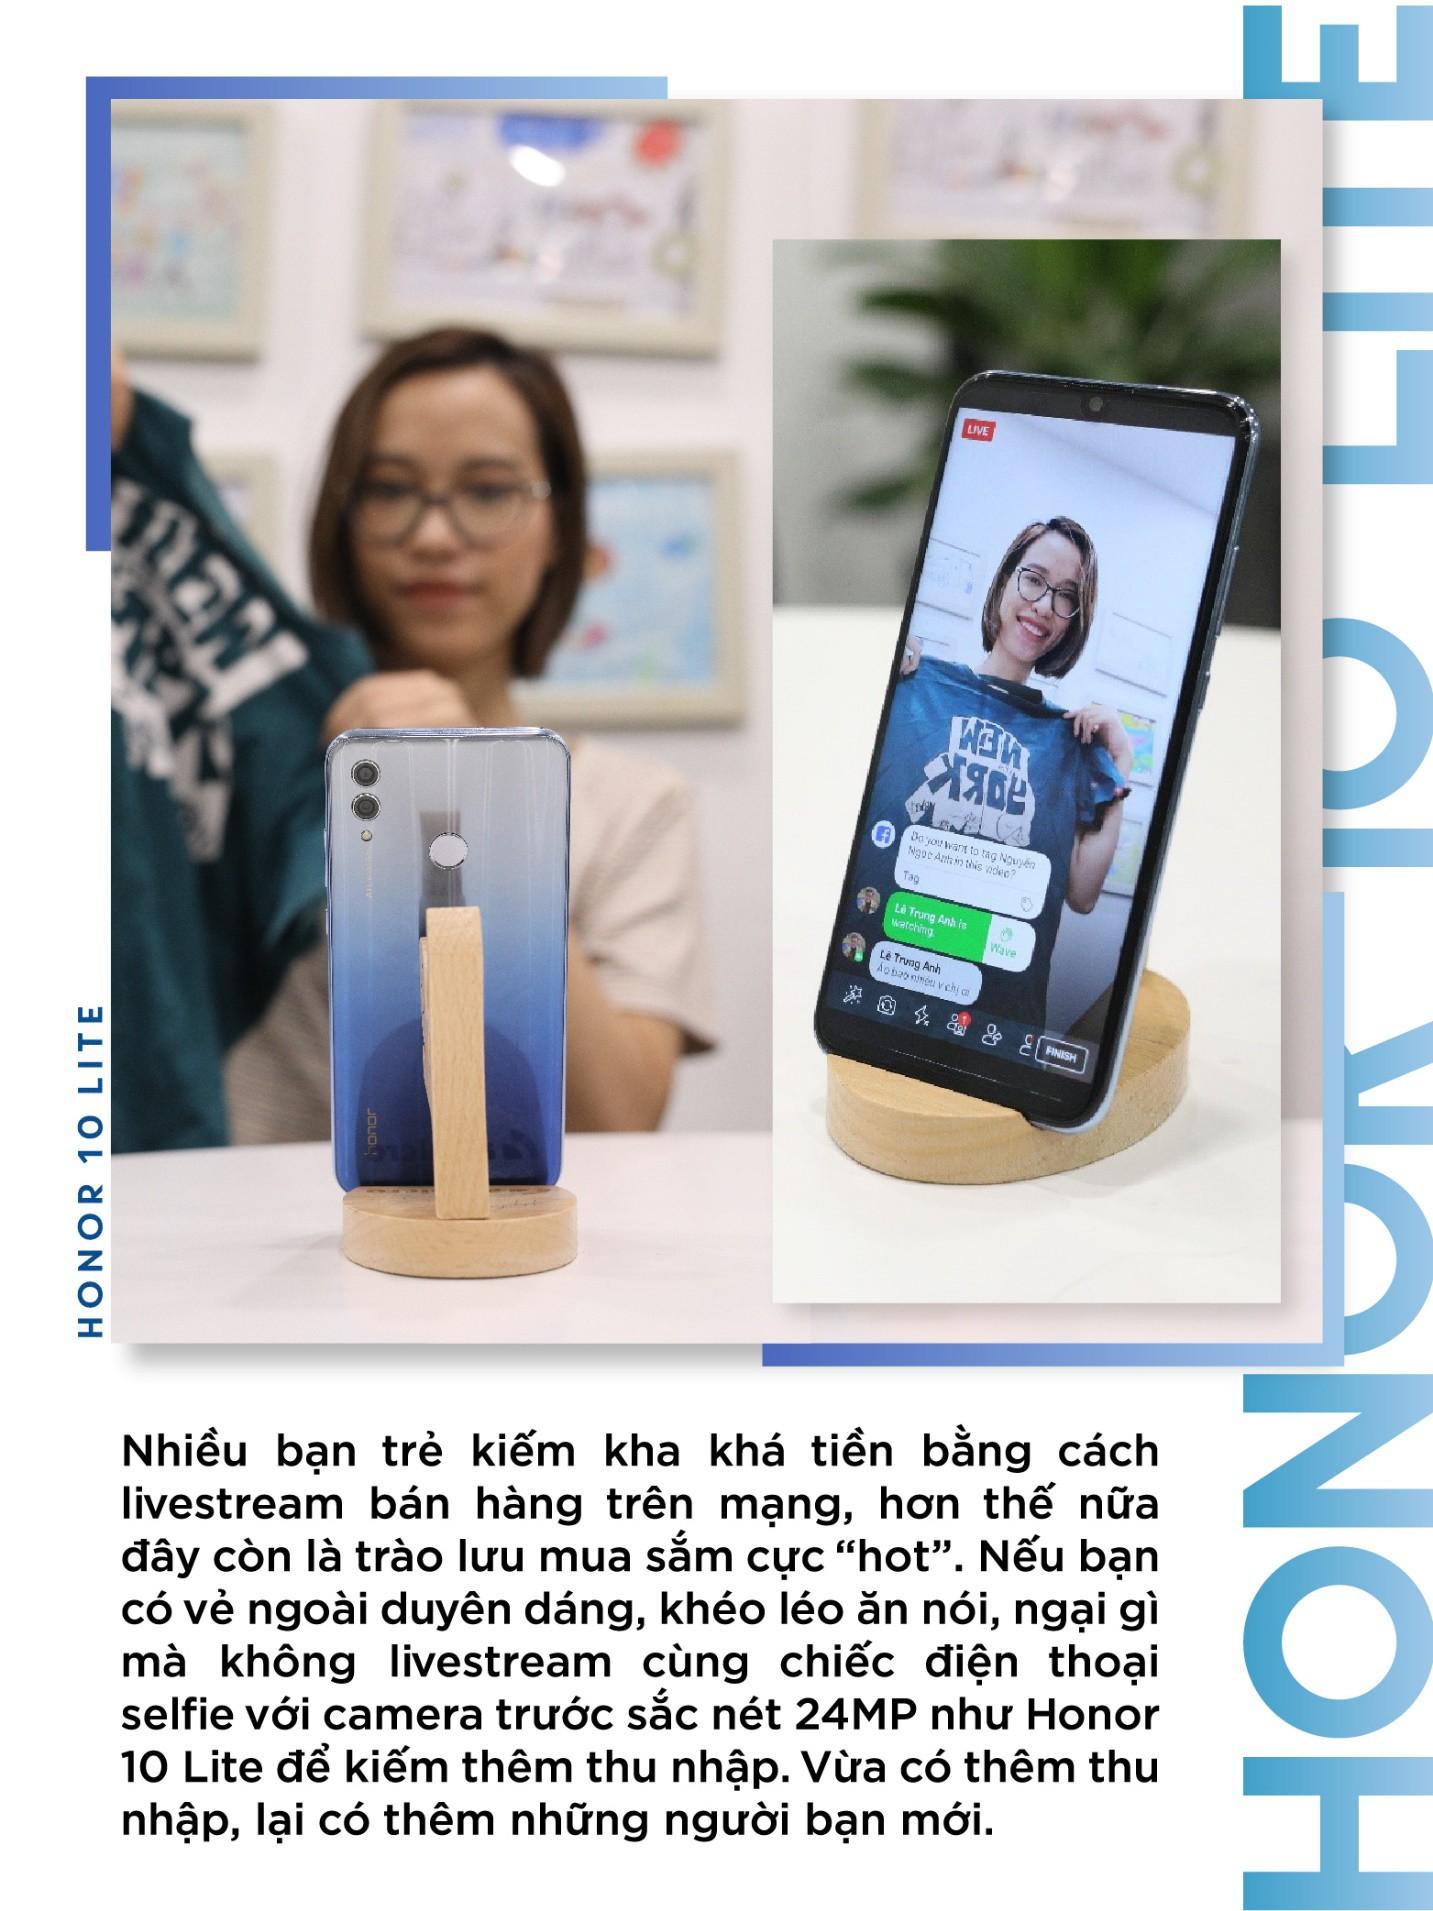 7 cách biến chiếc điện thoại selfie Honor của bạn thành trợ thủ đắc lực - Ảnh 5.